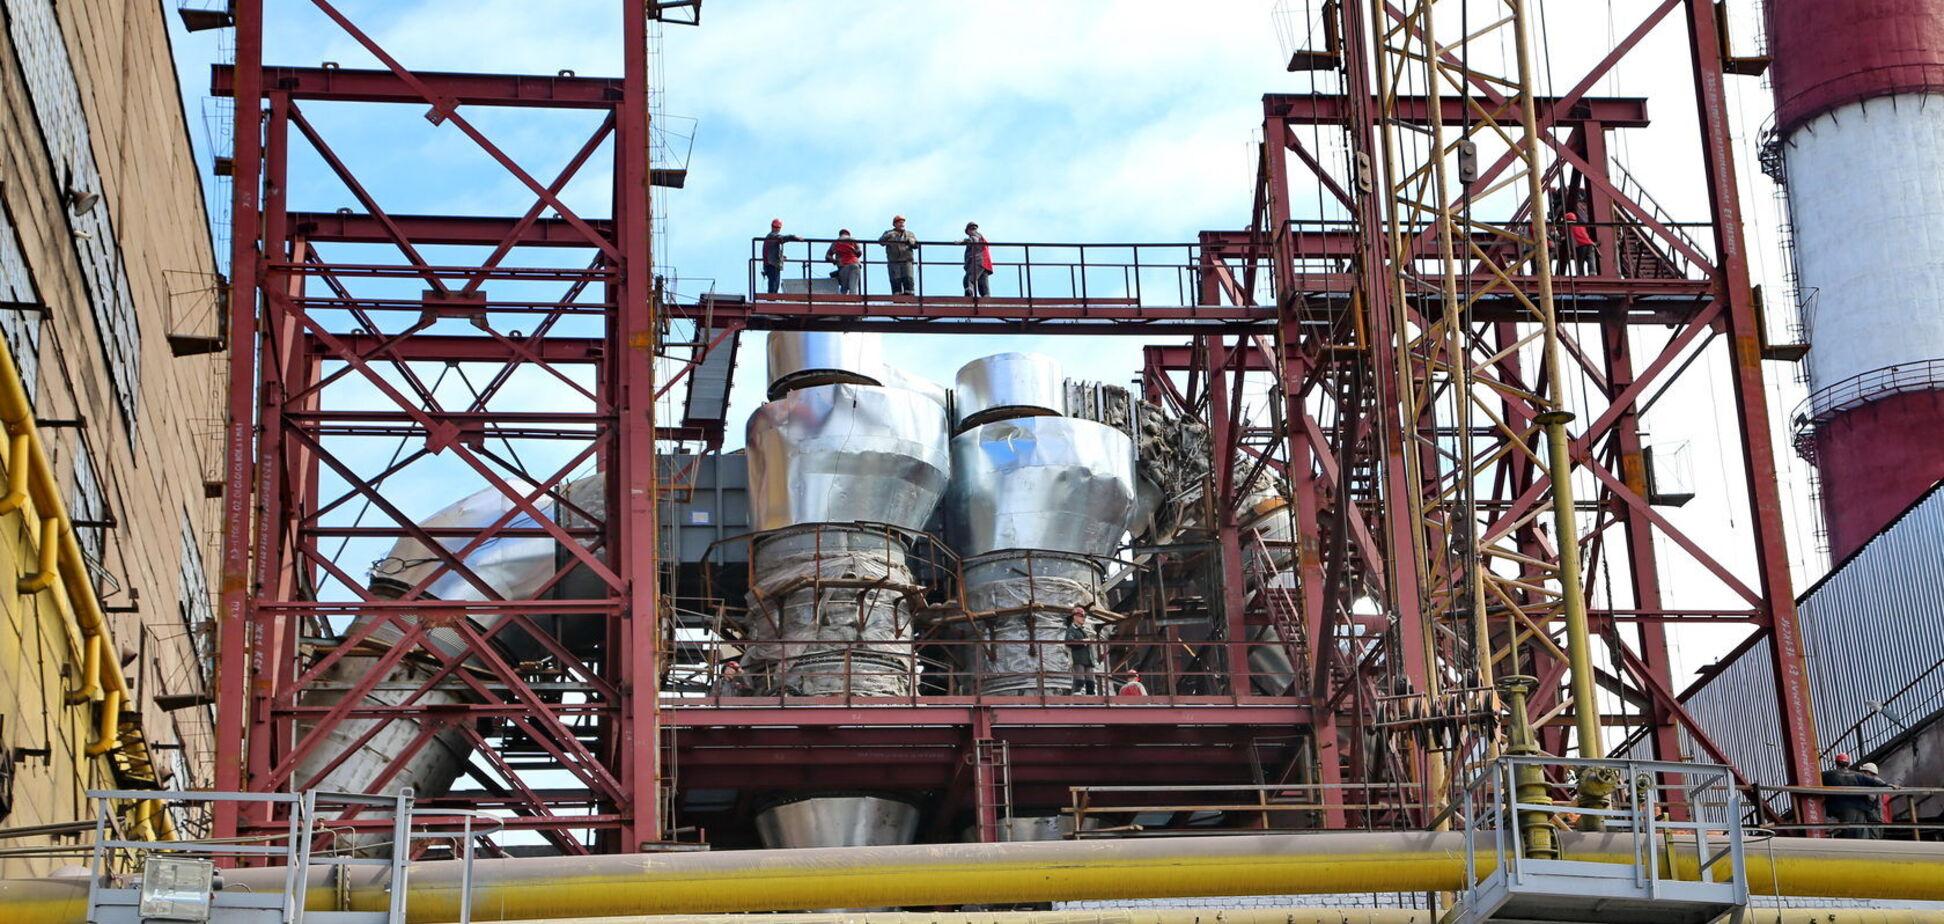 У Маріуполі завершилася реконструкція газоочисних споруд аглофабрики ММК імені Ілліча